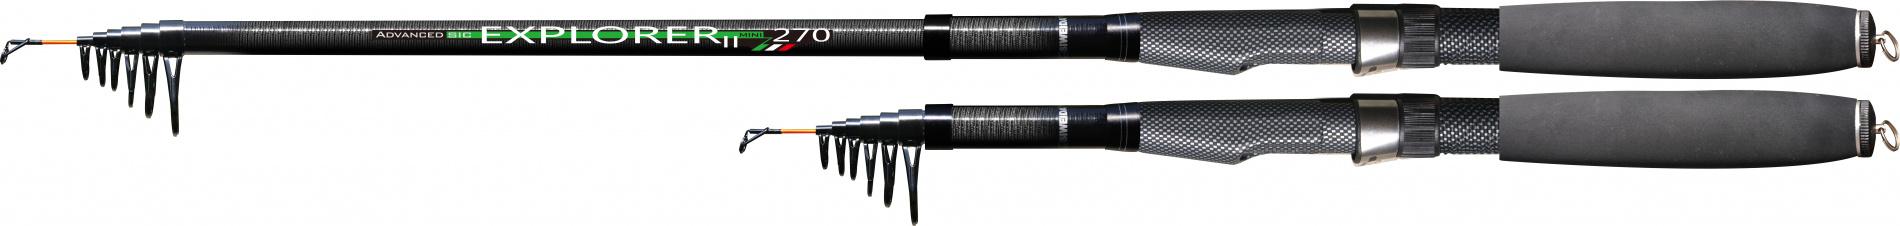 Спиннинг тел. SWD EXPLORER II 2,1м карбон (30-60г)Спинниги<br>Компактный телескопический спиннинг, выполненных <br>из карбона IM6 длинной 2,1м с тестом 30-60г. Отличается <br>малой транспортной длиной, высокой прочностью, <br>небольшим весом и средне-быстрым строем. <br>Комплектуется кольцами SIC. Рекомендуется <br>использовать при ловле хищника, как с берега, <br>так и с лодки.<br>